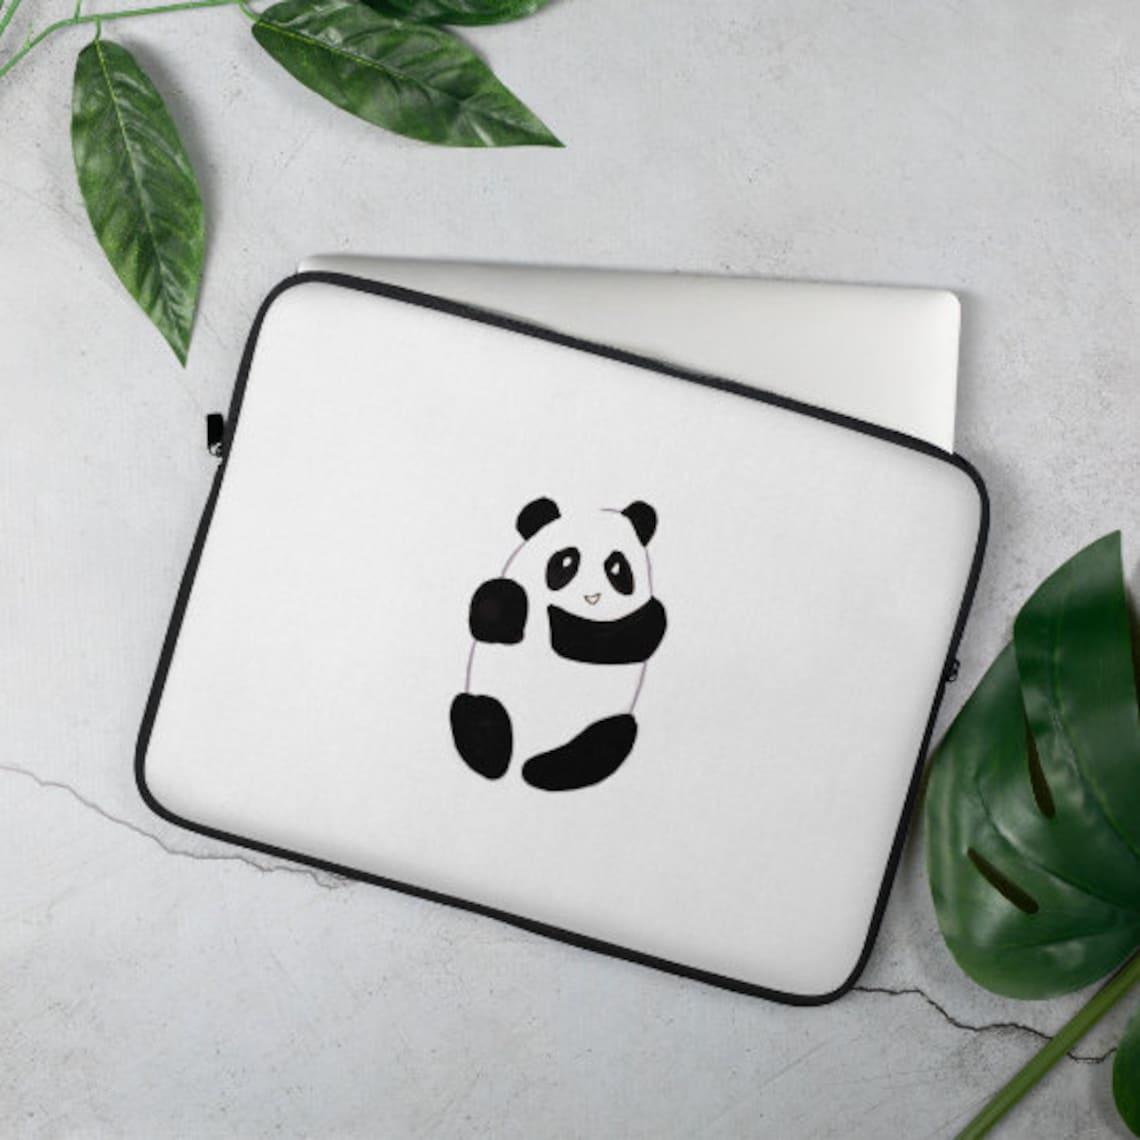 16. Daft Panda Laptop Sleeve